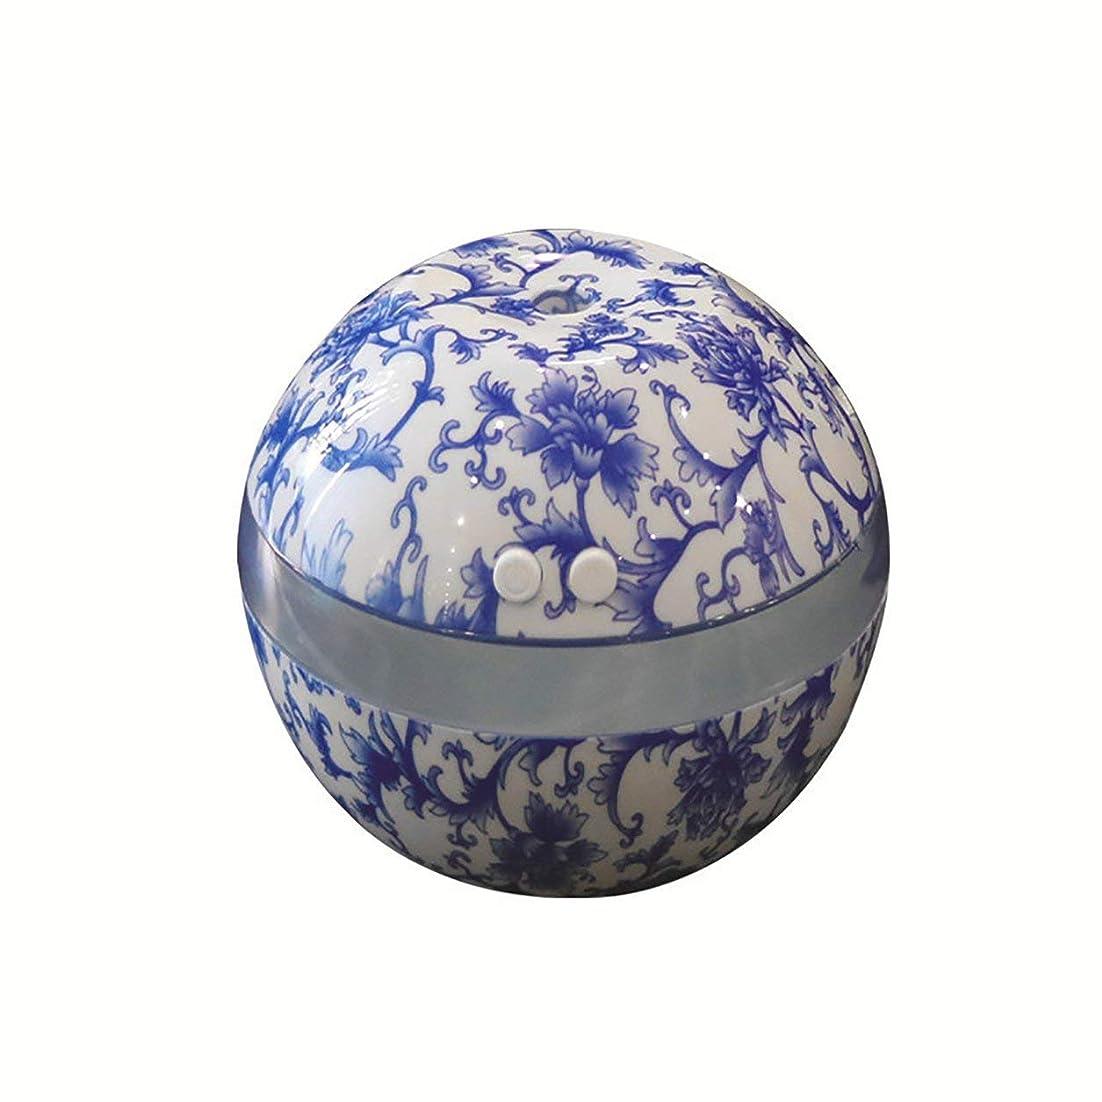 未払い美しい行商人Saikogoods ブルー&ホワイトの磁器ホームオフィスSPAのための超音波加湿空気加湿器アロマエッセンシャルオイルディフューザーアロマセラピー 白青